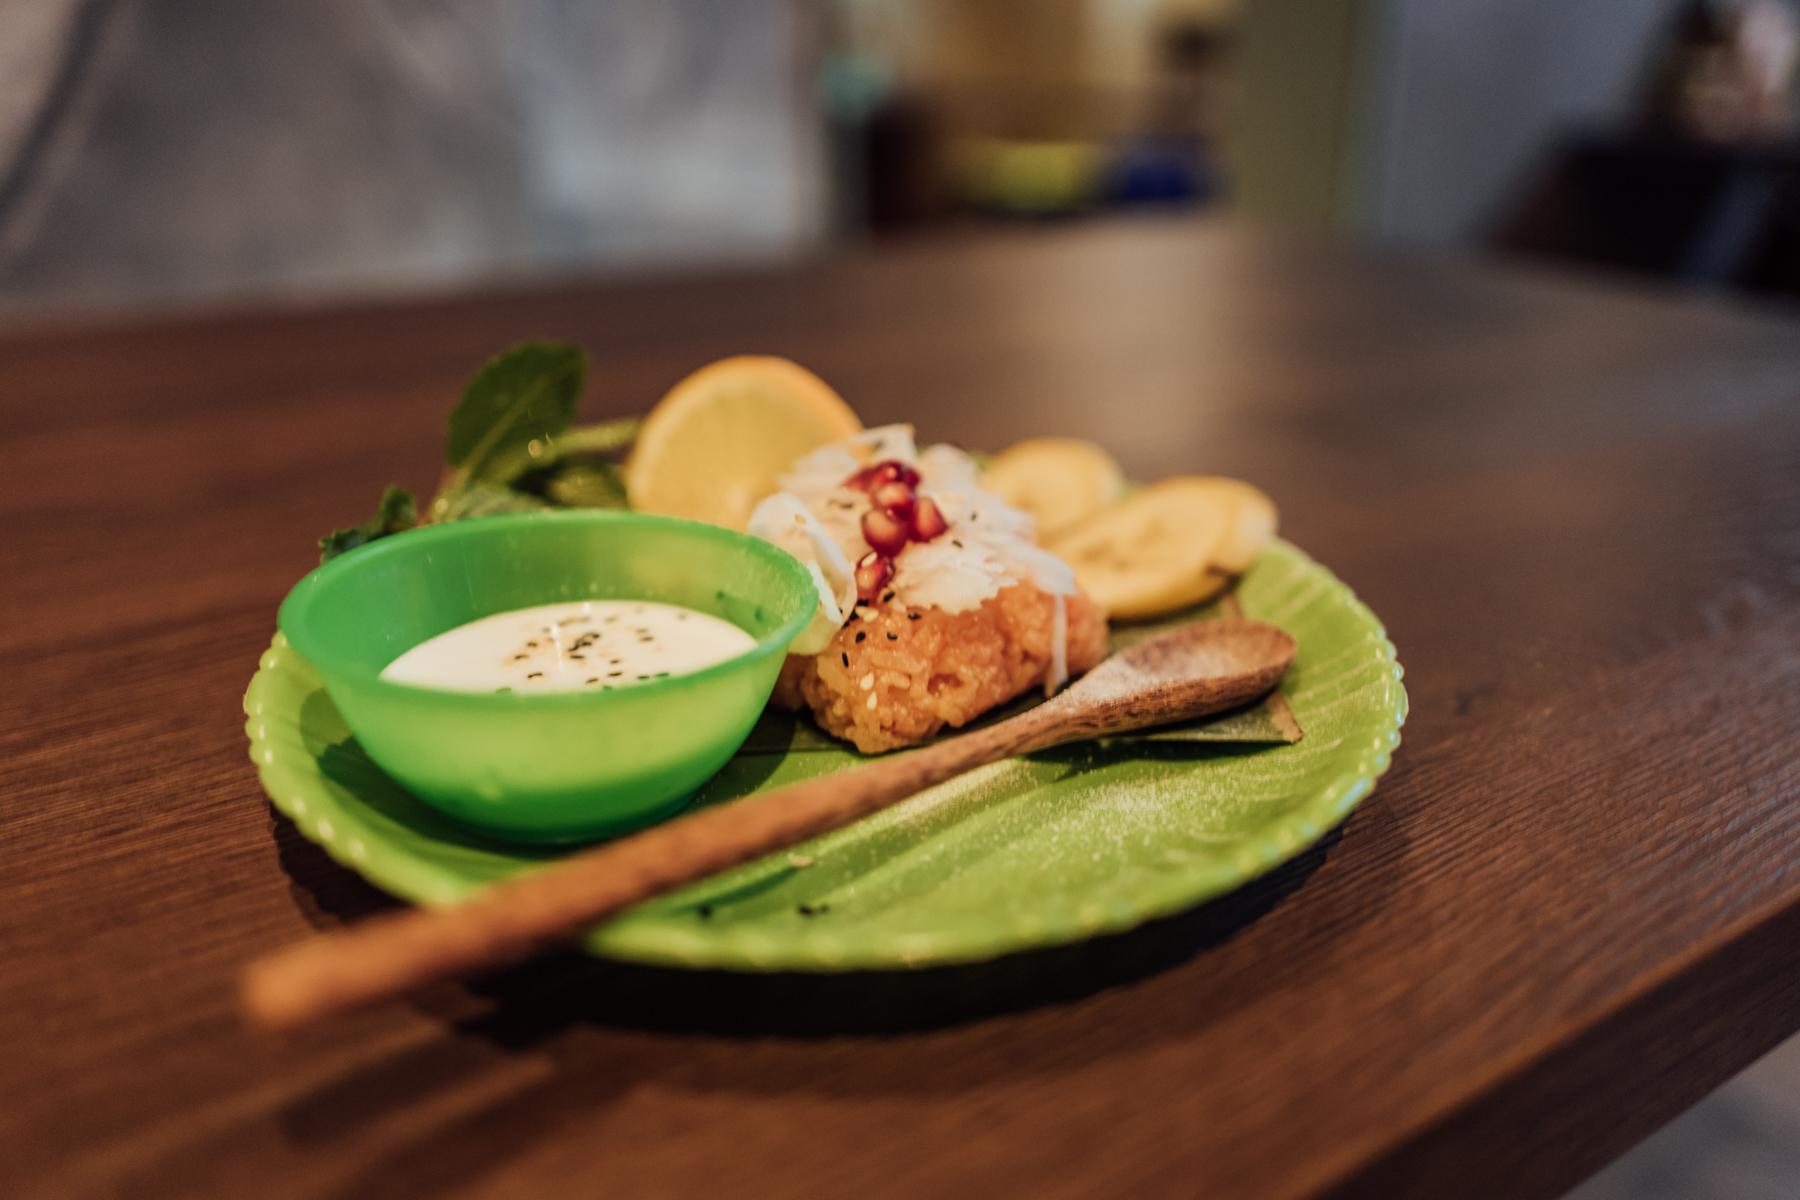 geheimtipp Hamburg St Georg Essen & Trinken Restaurant Pho & Rice Lisa Knauer 1